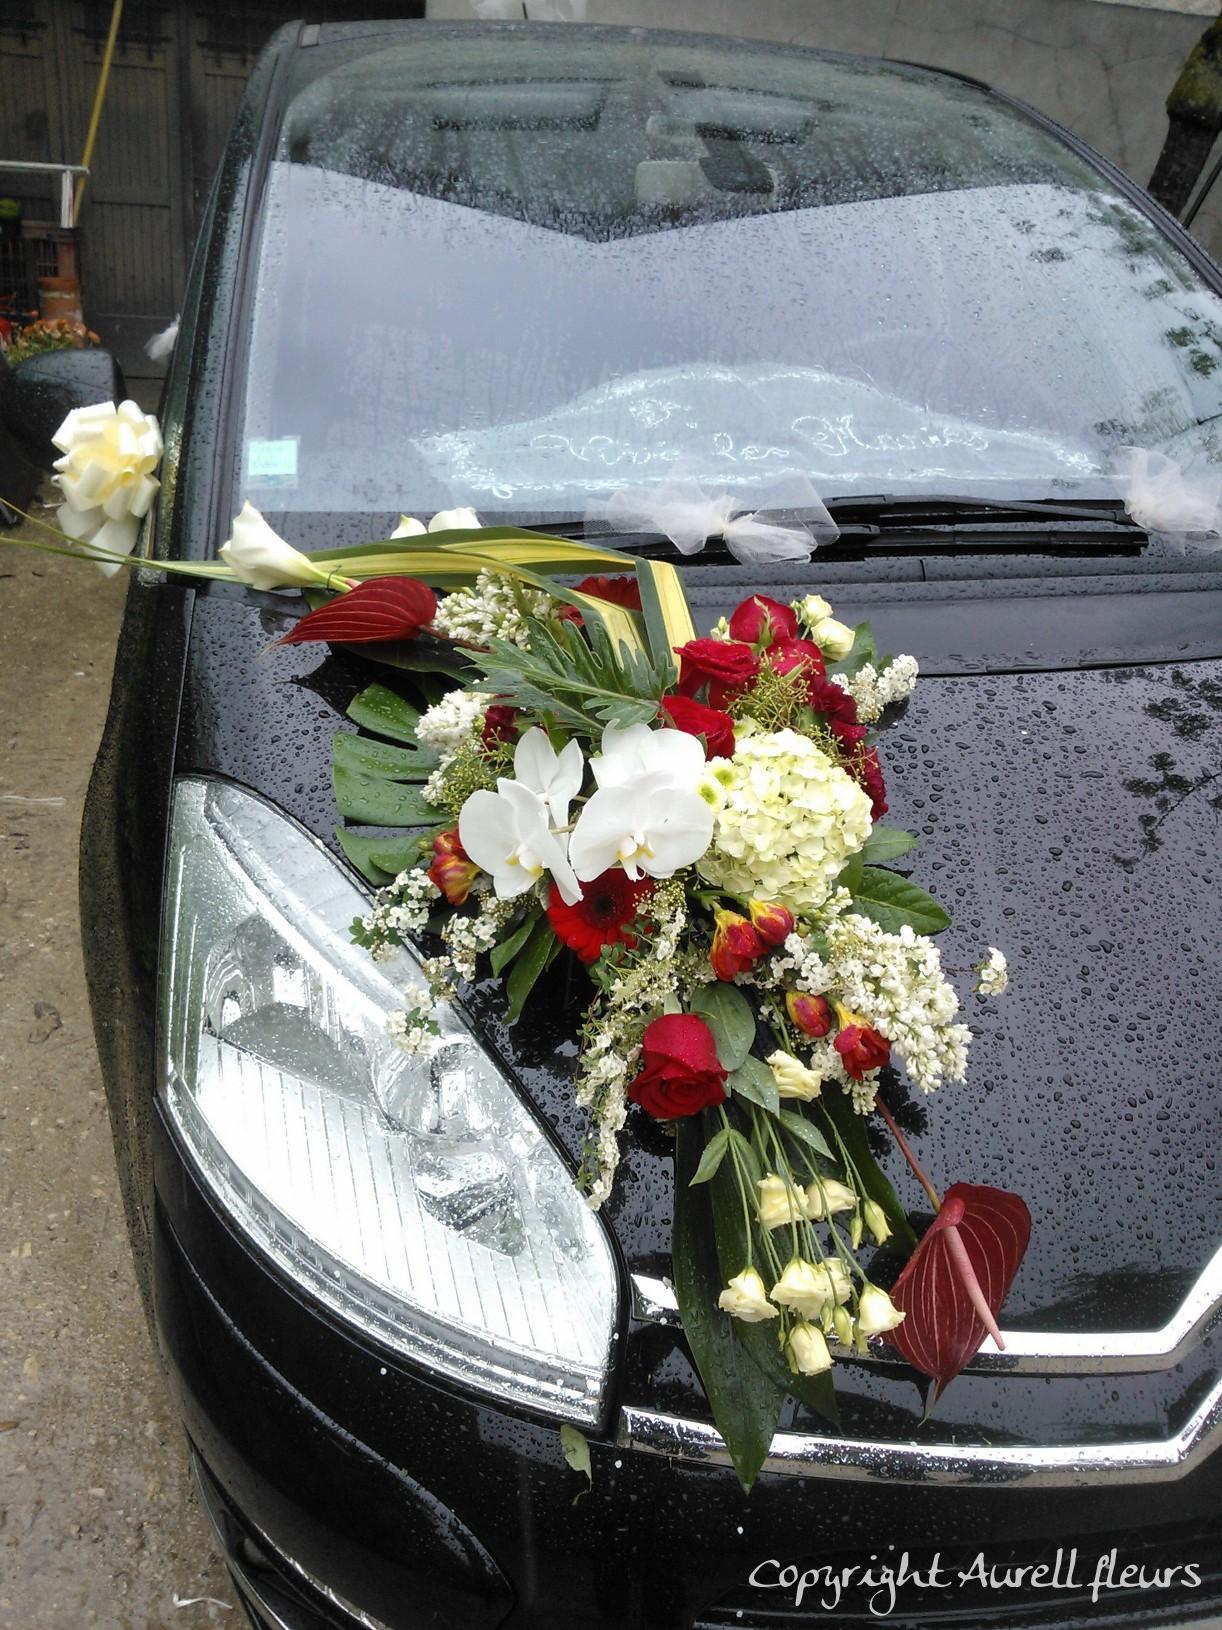 voiture capot avant 8 à Saint-Jean-de-Braye | Aurell fleurs